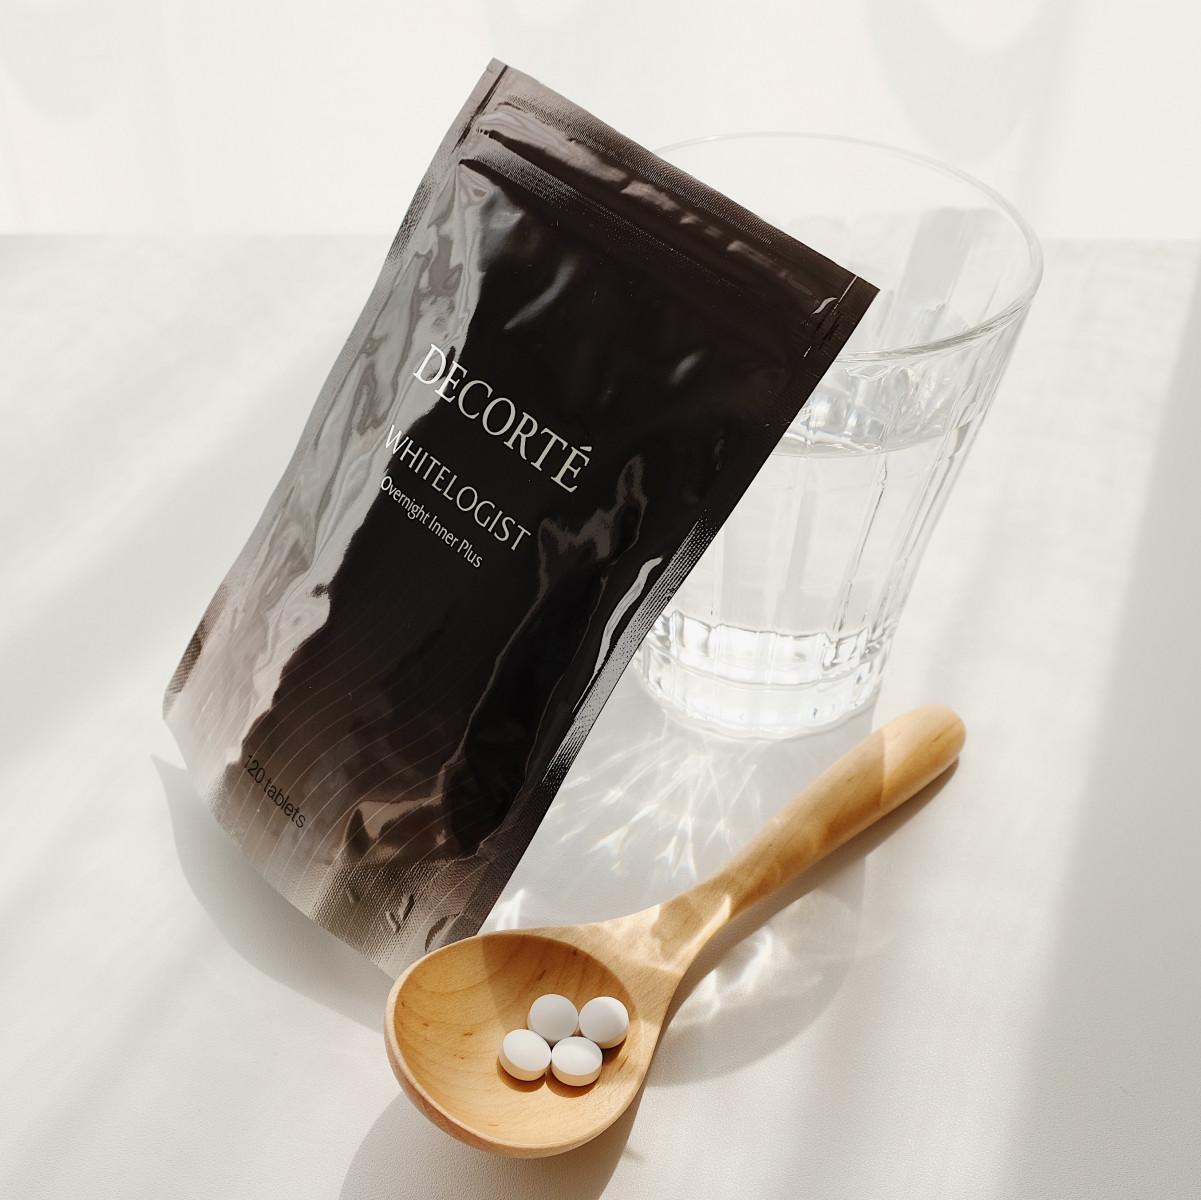 コスメデコルテ ホワイトロジスト オーバーナイト インナー プラス [栄養機能食品] 120粒 約30日分 ¥7500